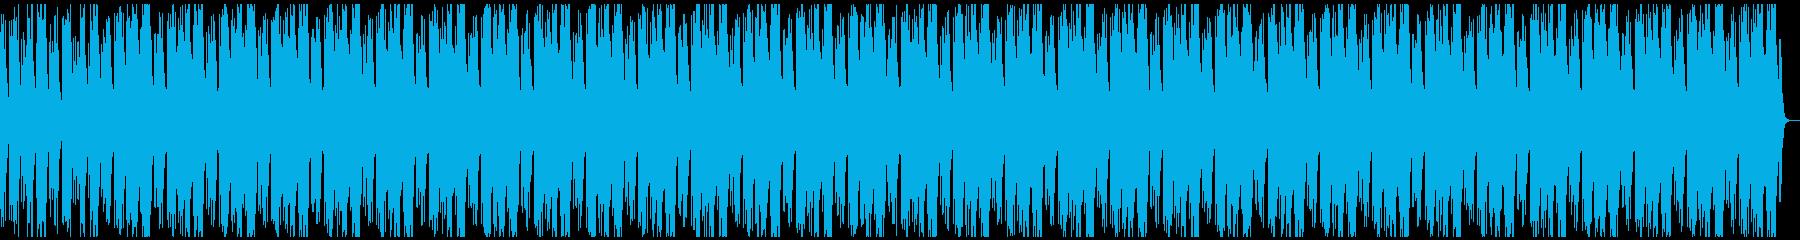 ピアノとストリングスの優しいヒーリング曲の再生済みの波形